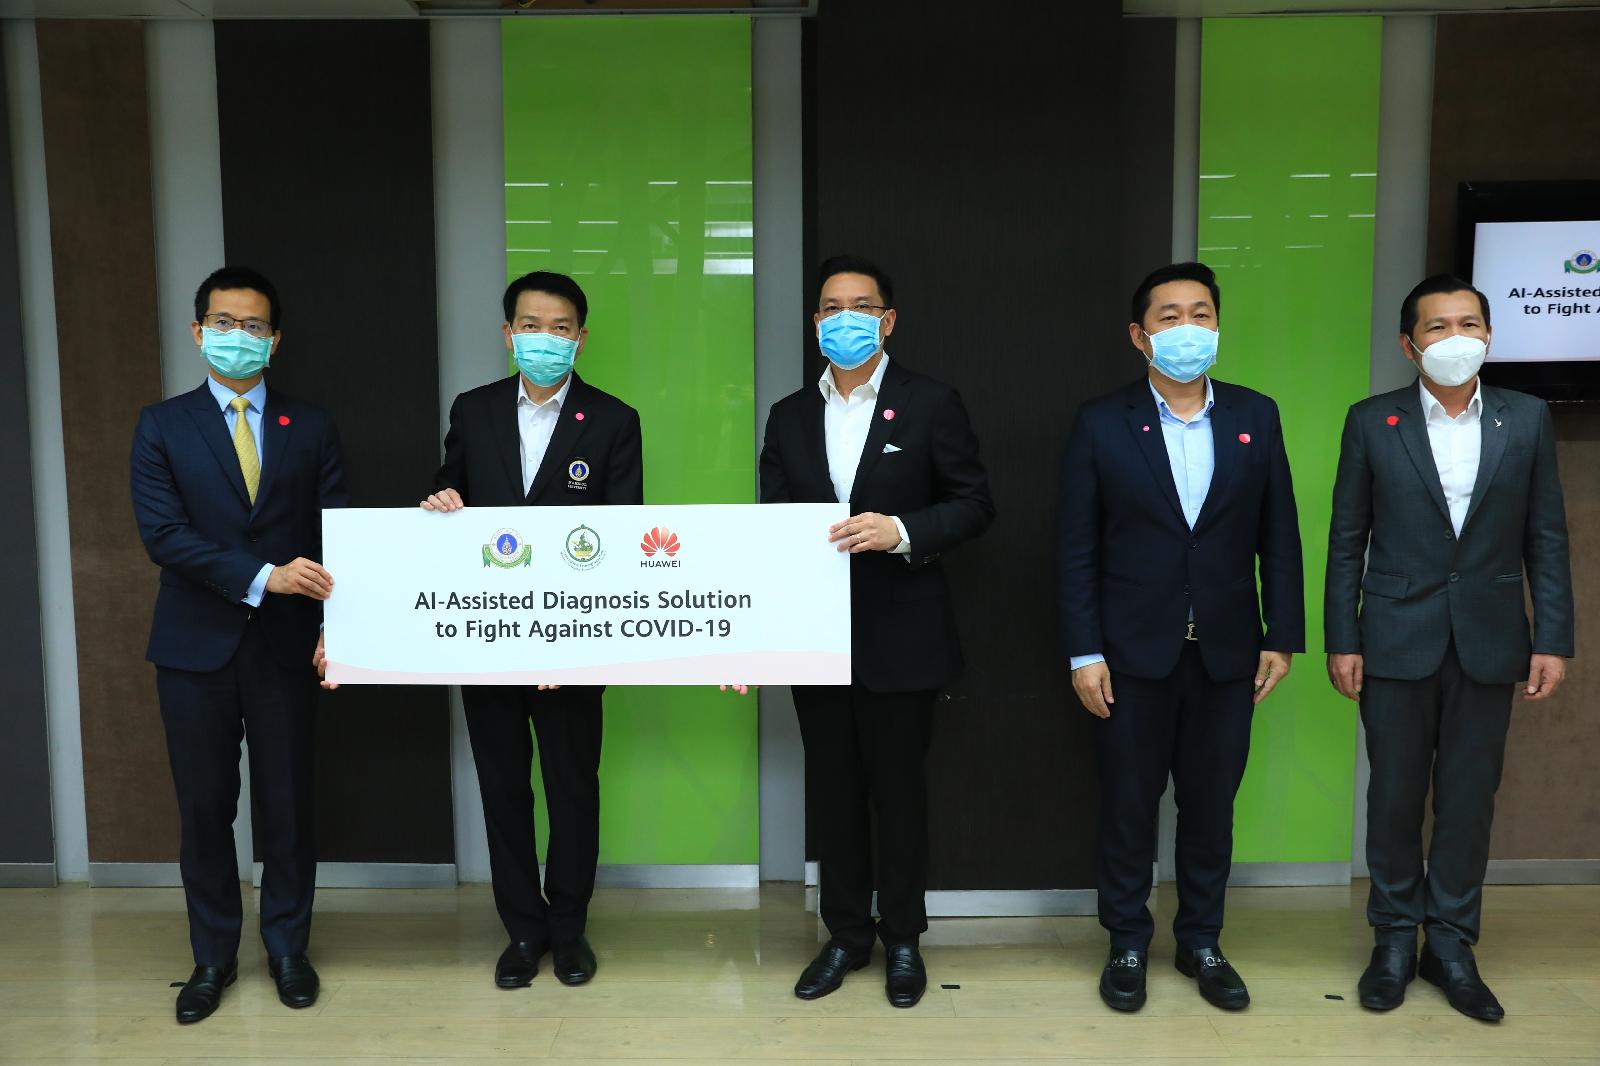 กระทรวงดิจิทัลจับมือ Huawei มอบนวัตกรรม AI ช่วยแพทย์ ร.พ. รามาวินิจฉัยโควิด-19 รู้ผลภายใน 25 วินาทีต่อหนึ่งเคส